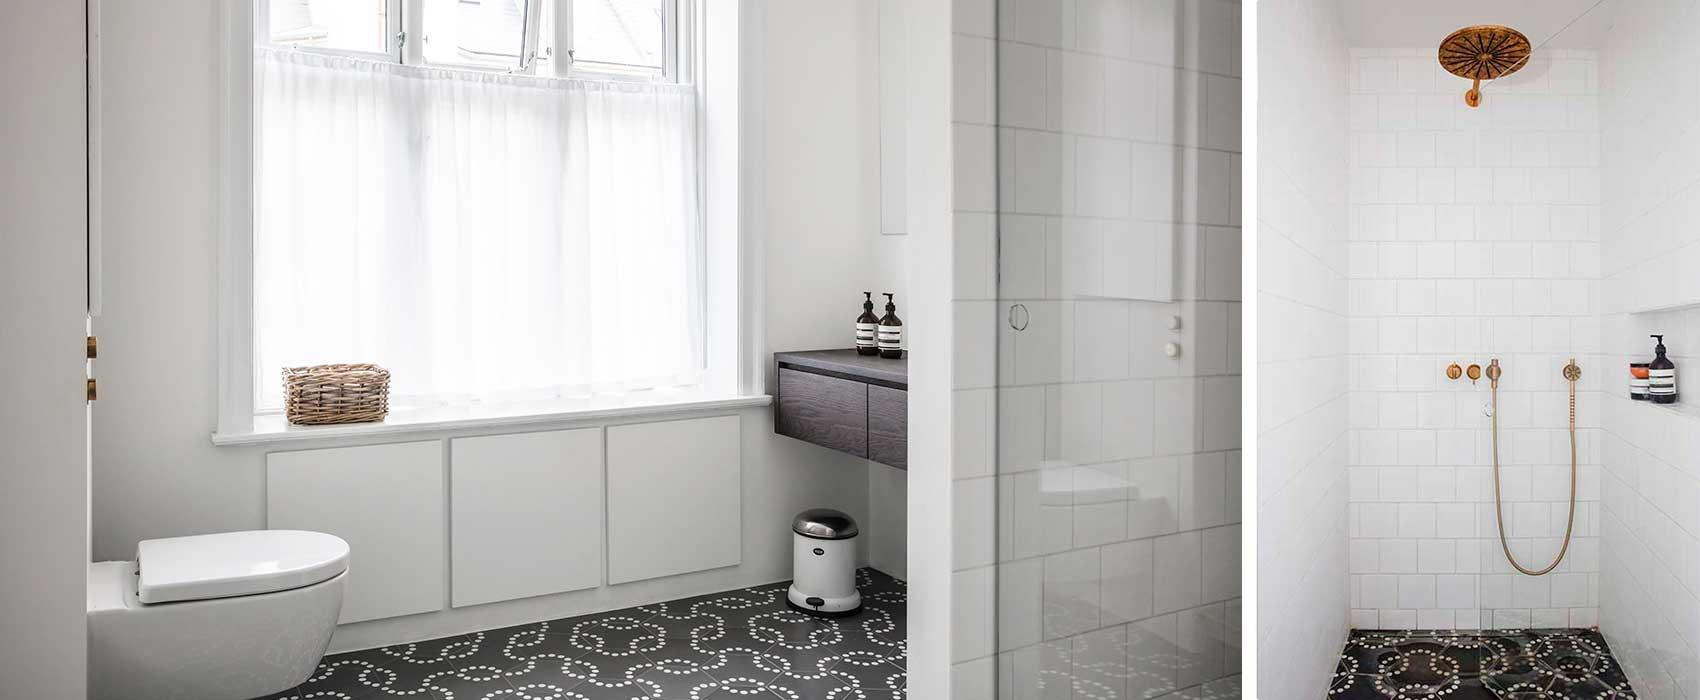 Hvide fliser badeværelse sort Hvide fliser